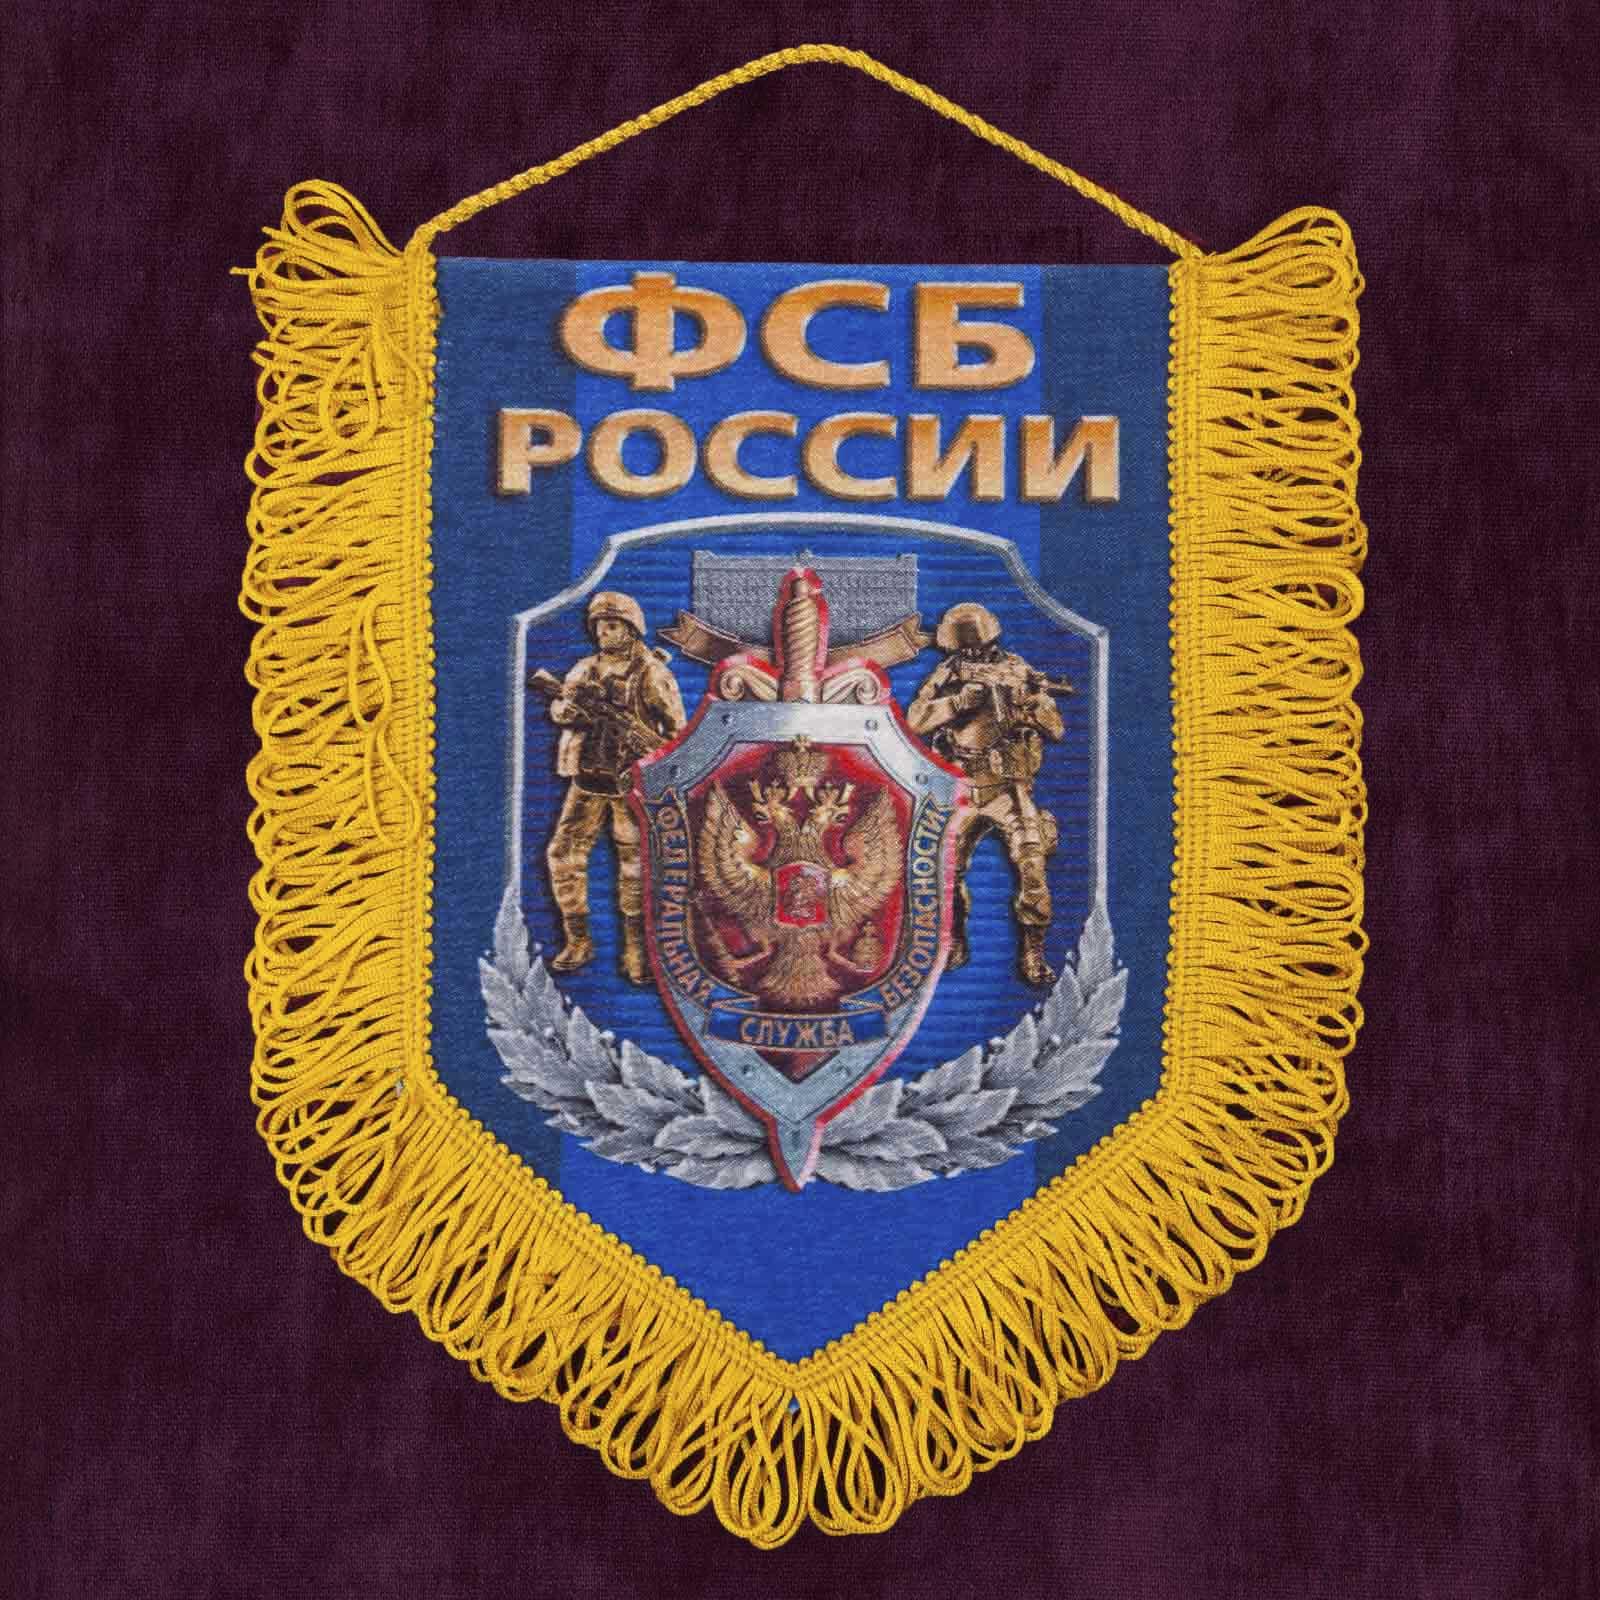 """Купить памятный вымпел """"ФСБ России"""""""